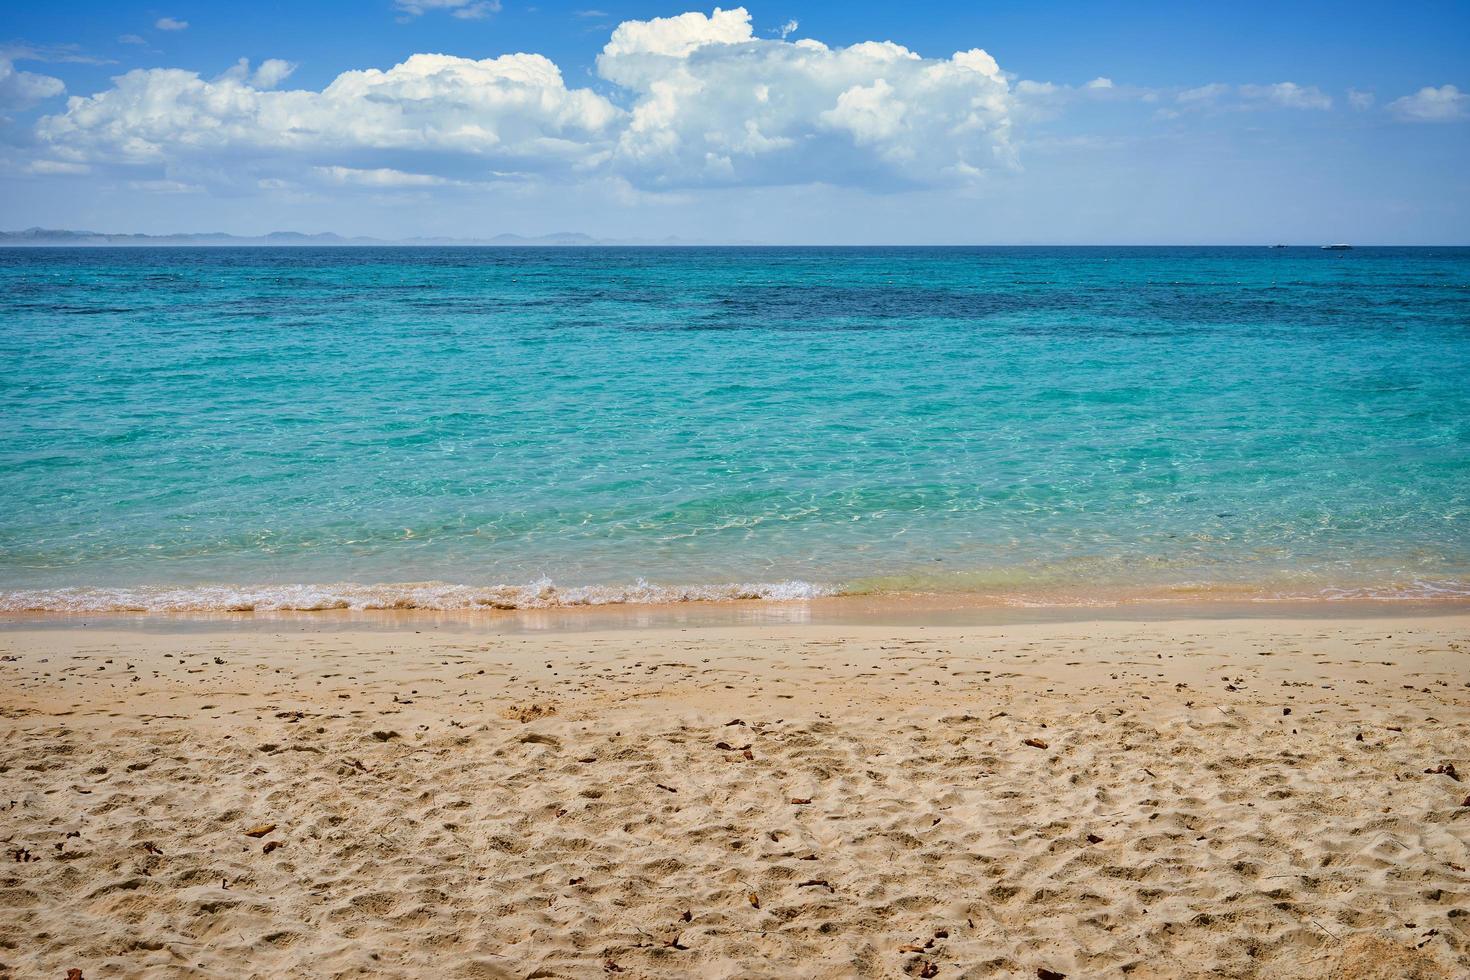 spiaggia e acqua con cielo blu nuvoloso foto